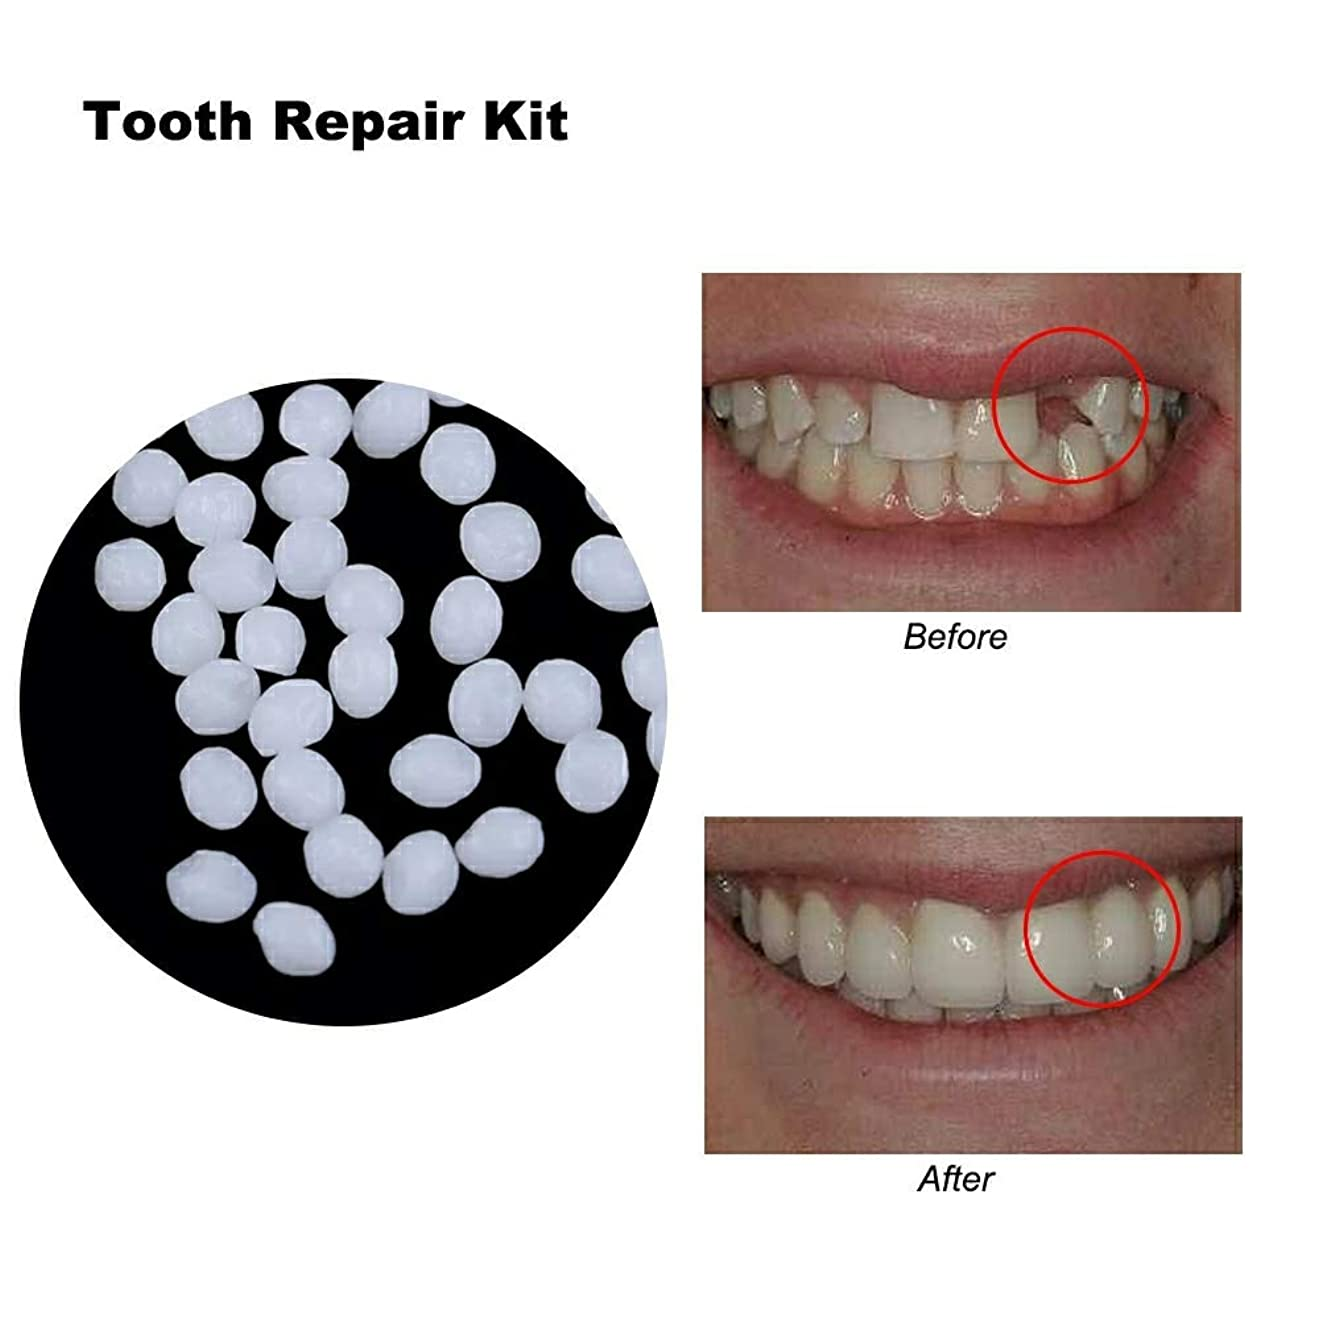 腕シェトランド諸島九月義歯の固体接着剤の一時的な歯の修理キットの歯の欠けている歯の交換用接着剤、5個,White,10g